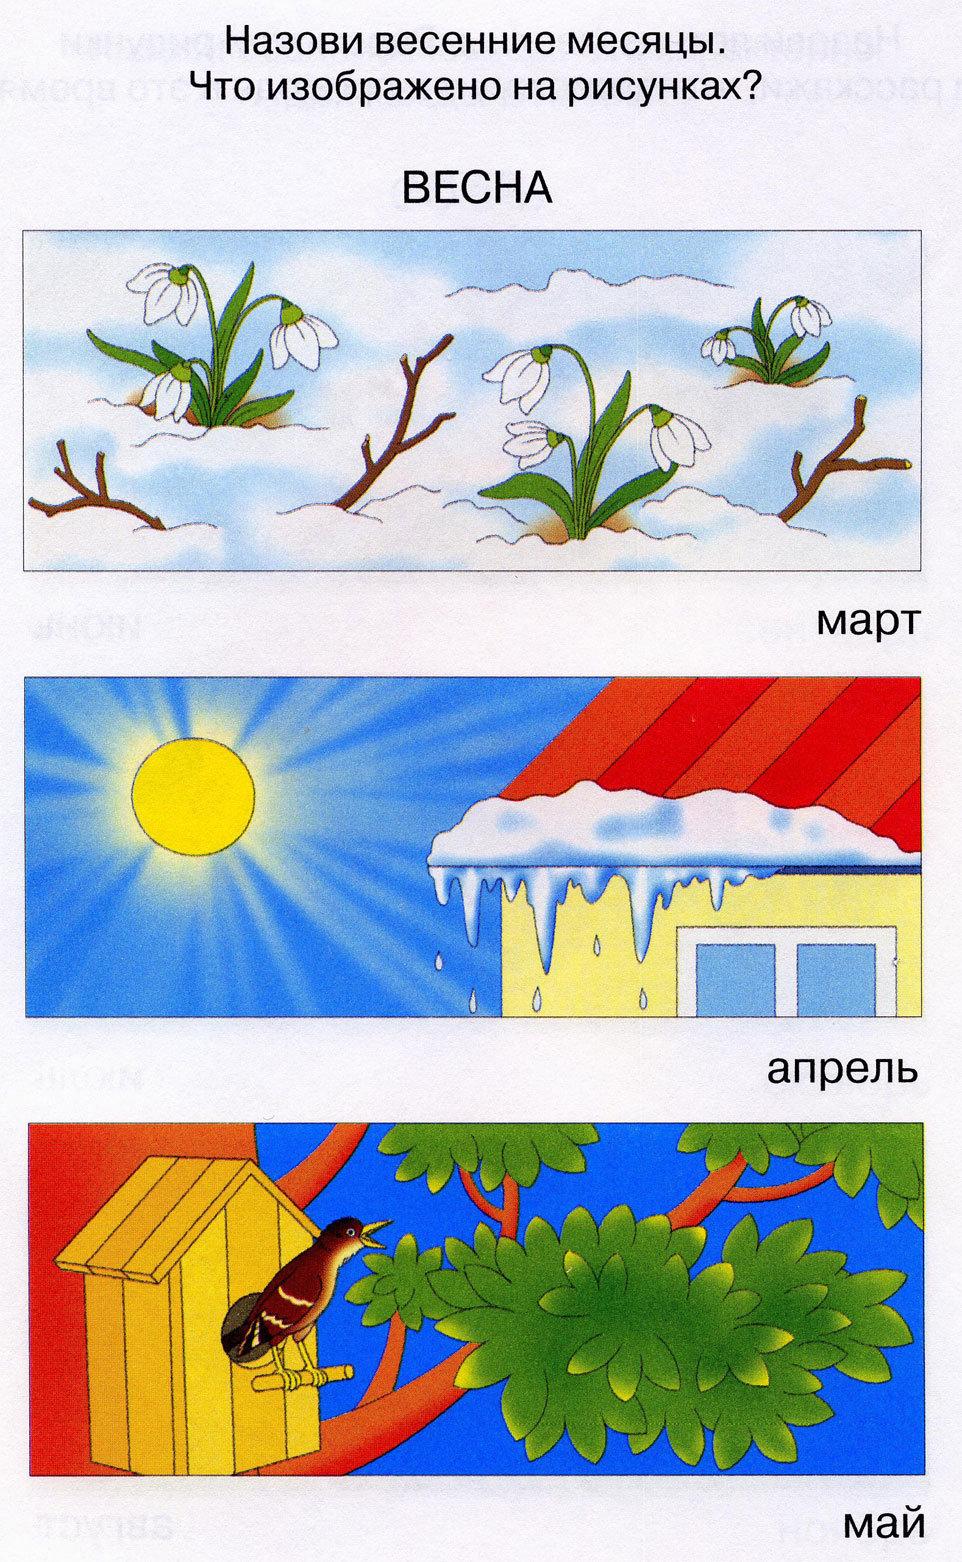 Картинки на тему признаки весны для детей 3-4 лет, рамки для открытки